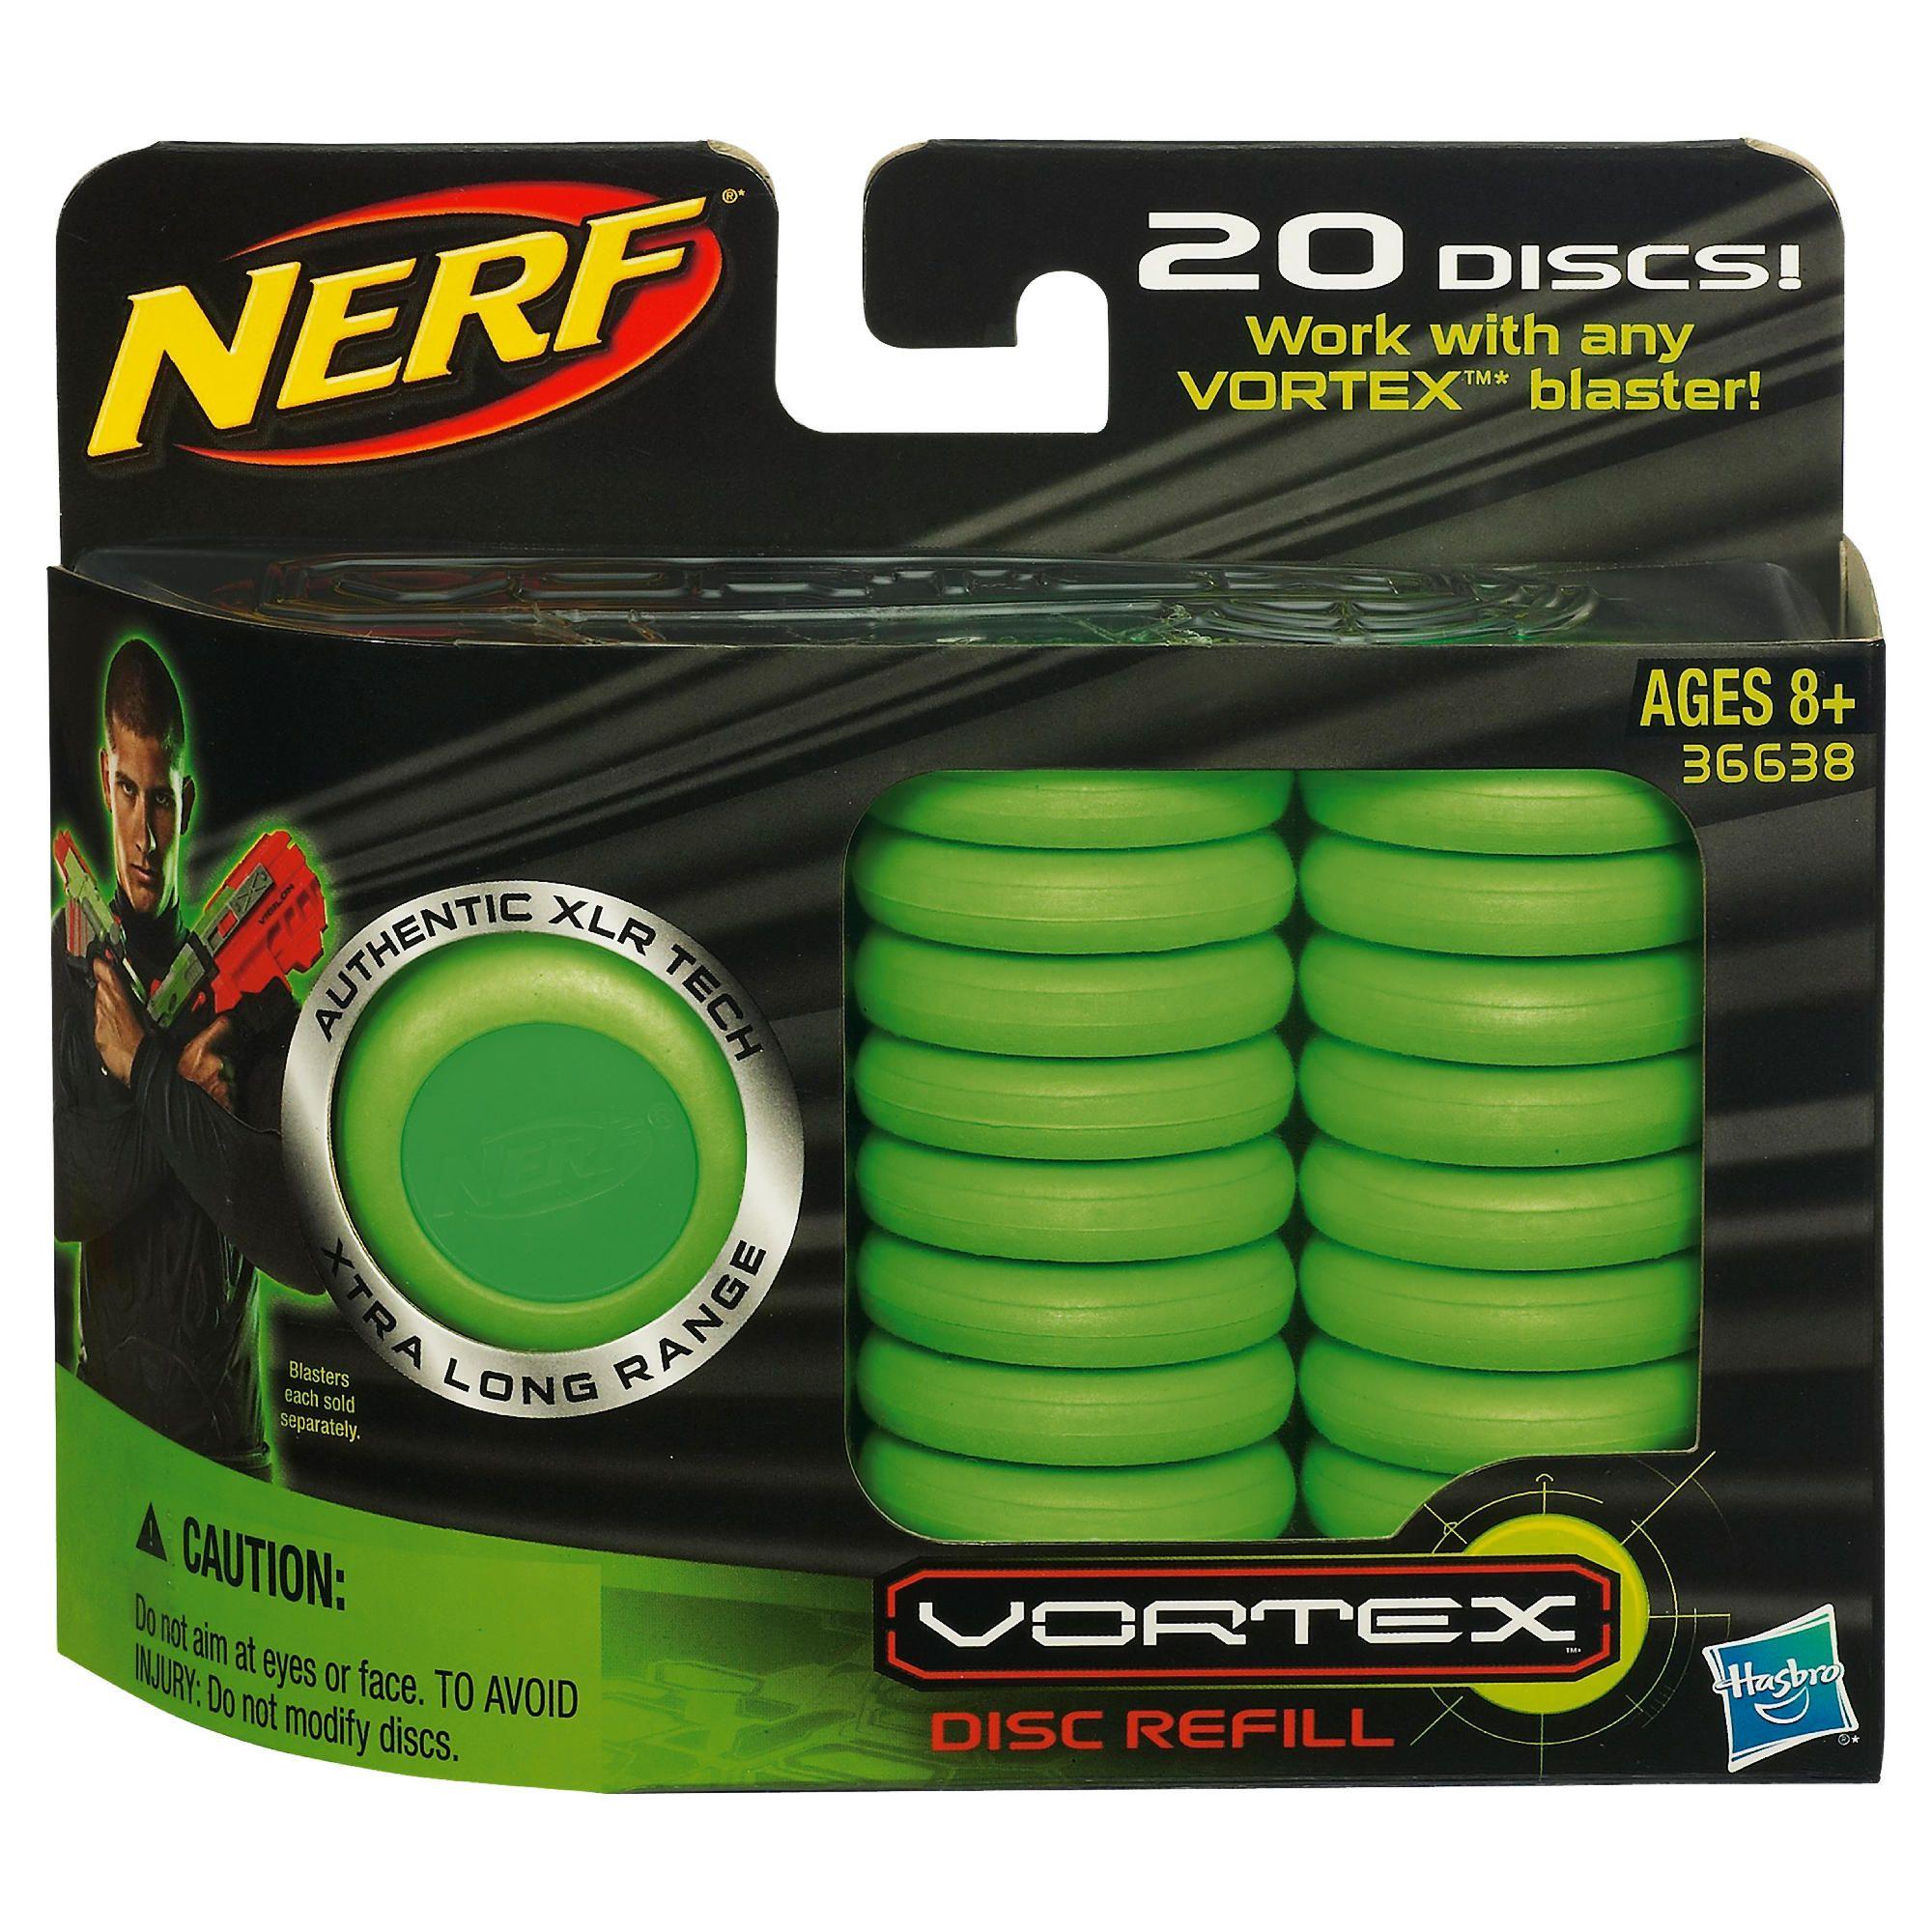 Nerf Vortex Disc Ammo Refills 20 pack